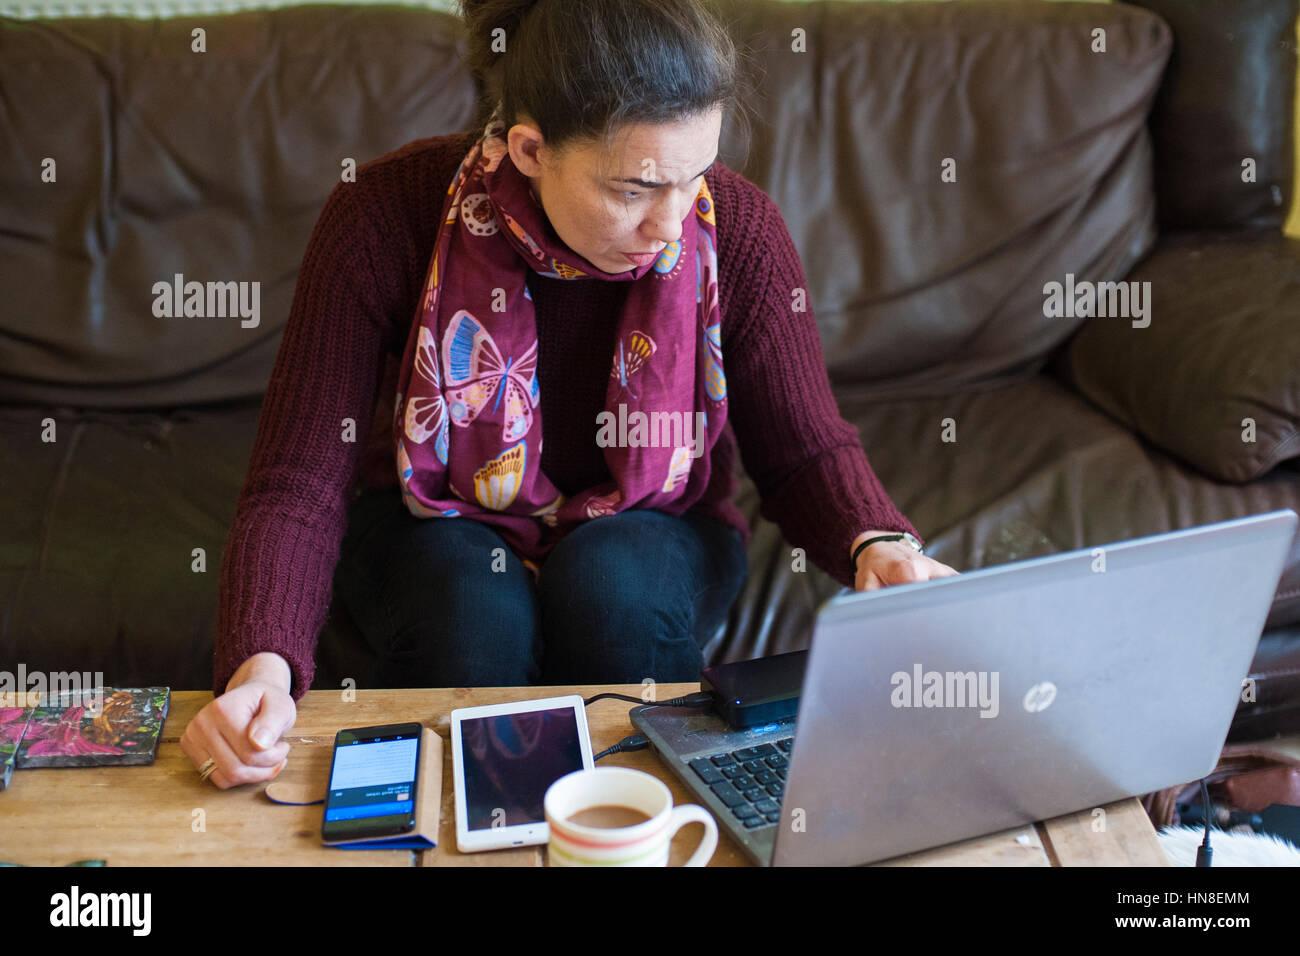 Lavorando da casa. Una donna nei suoi trent'anni di lavoro da casa con un computer portatile, telefono mobile Immagini Stock